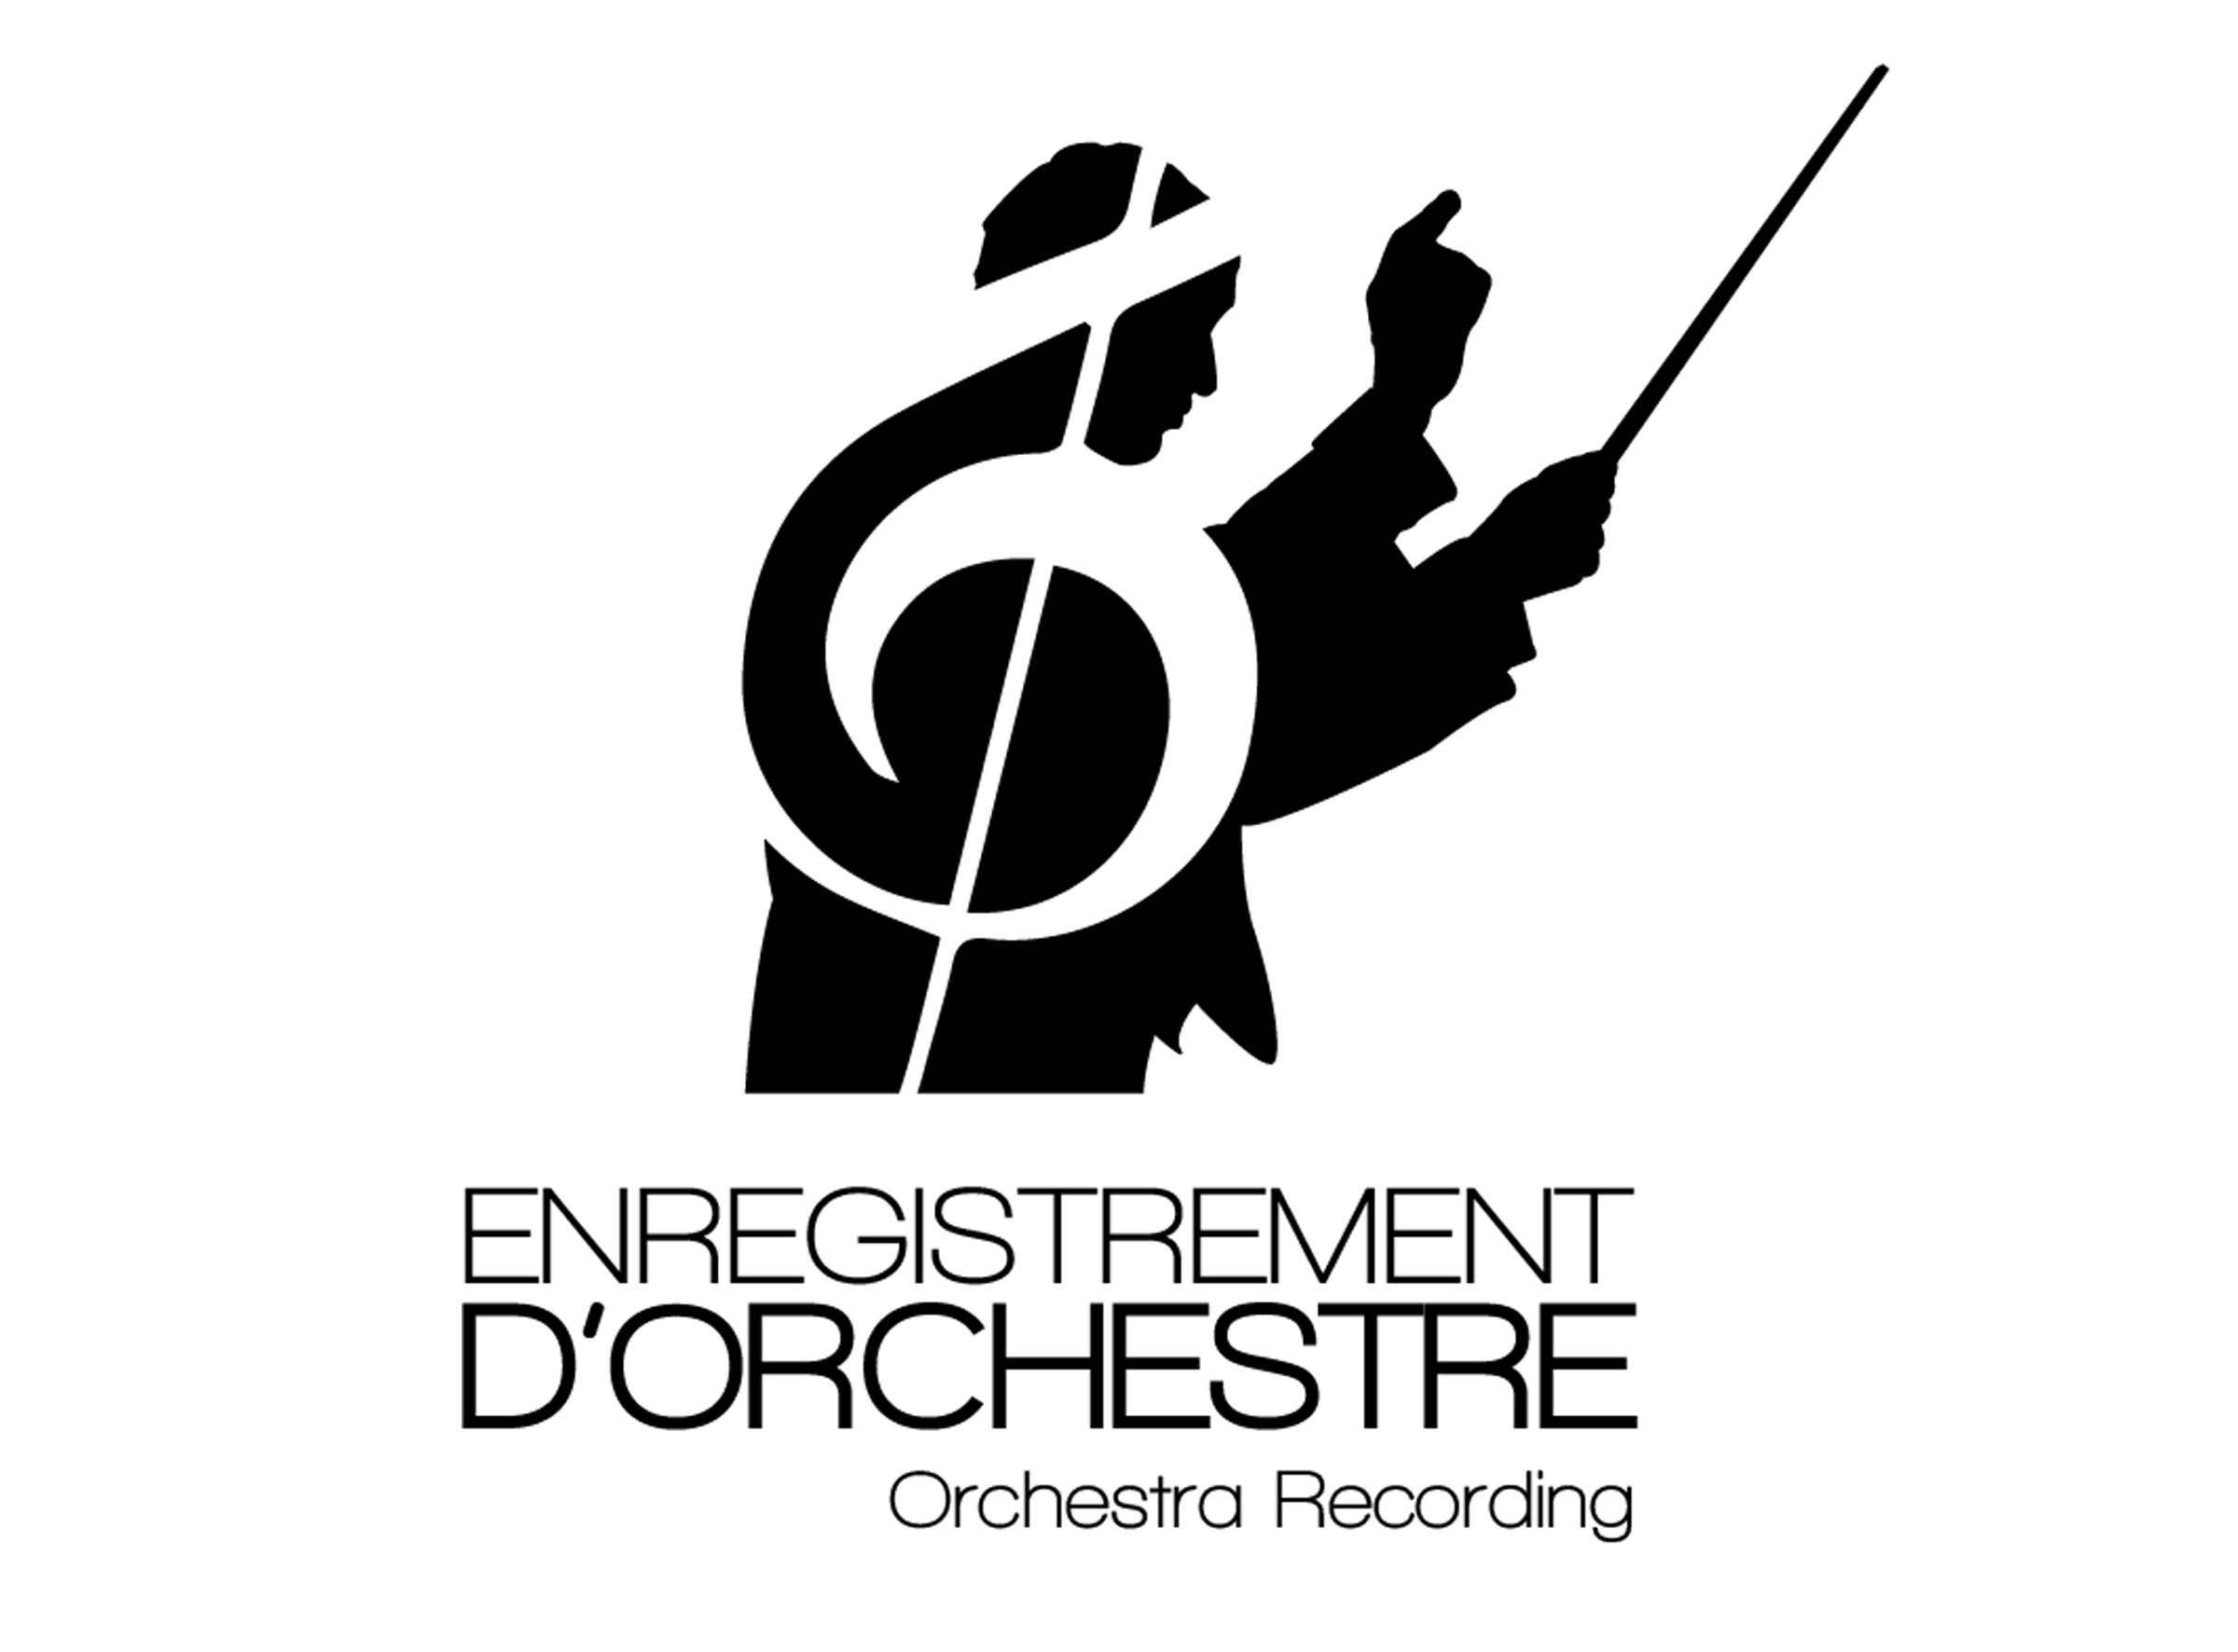 Enregistrement d'orchestre